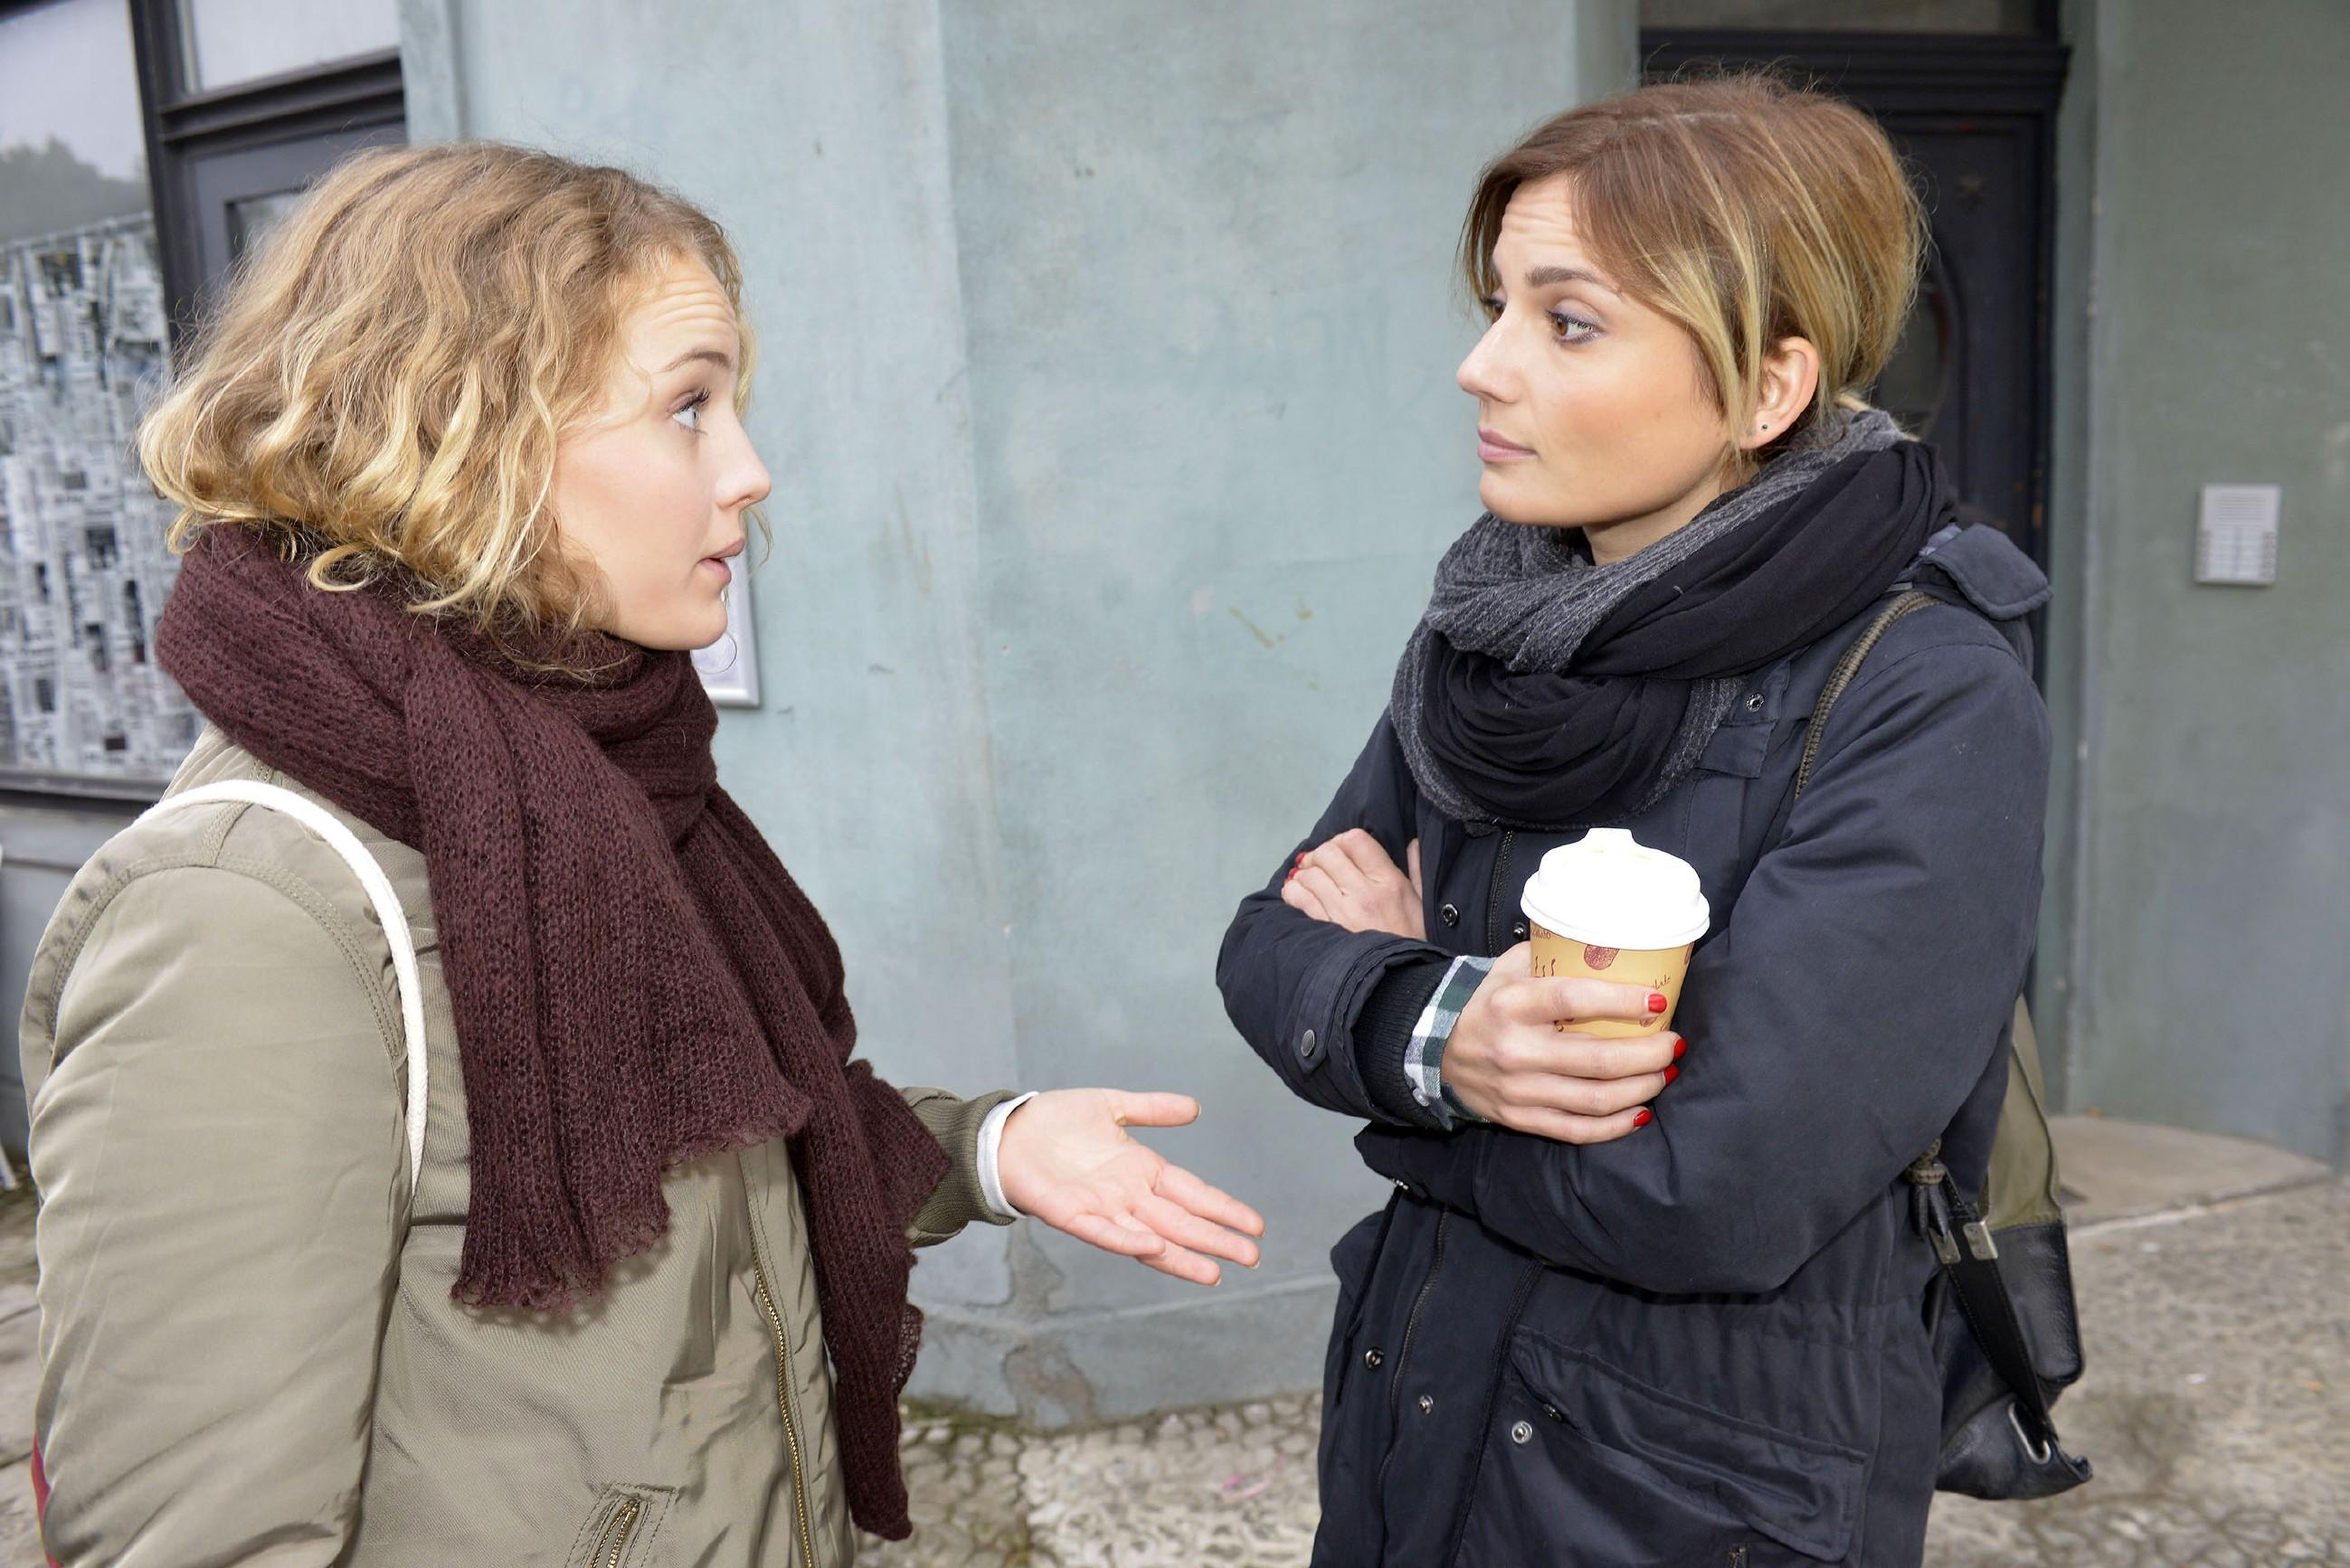 Anni (Linda Marlen Runge, r.) hat ein Einsehen und lässt sich auf einen Probemonat mit Jule (Luise von Finckh) ein. (Quelle: RTL / Rolf Baumgartner)